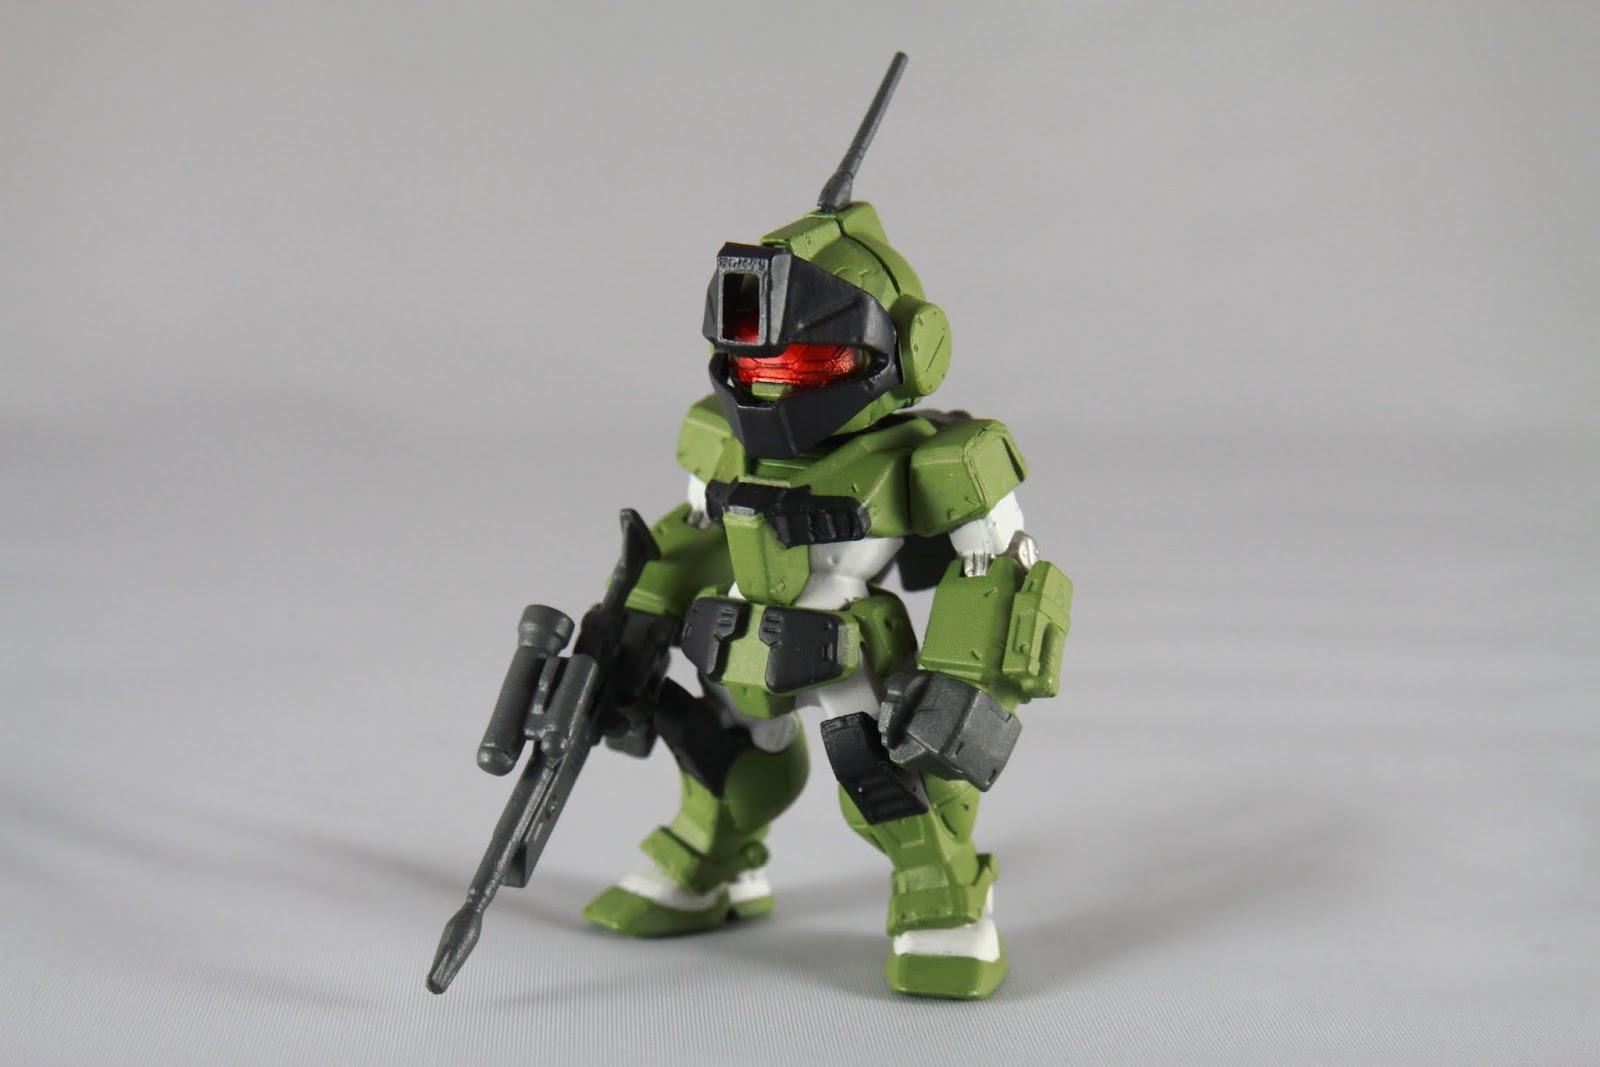 跟一般型的GM長得不太一樣 據設定上是各部裝甲都有顯著提升